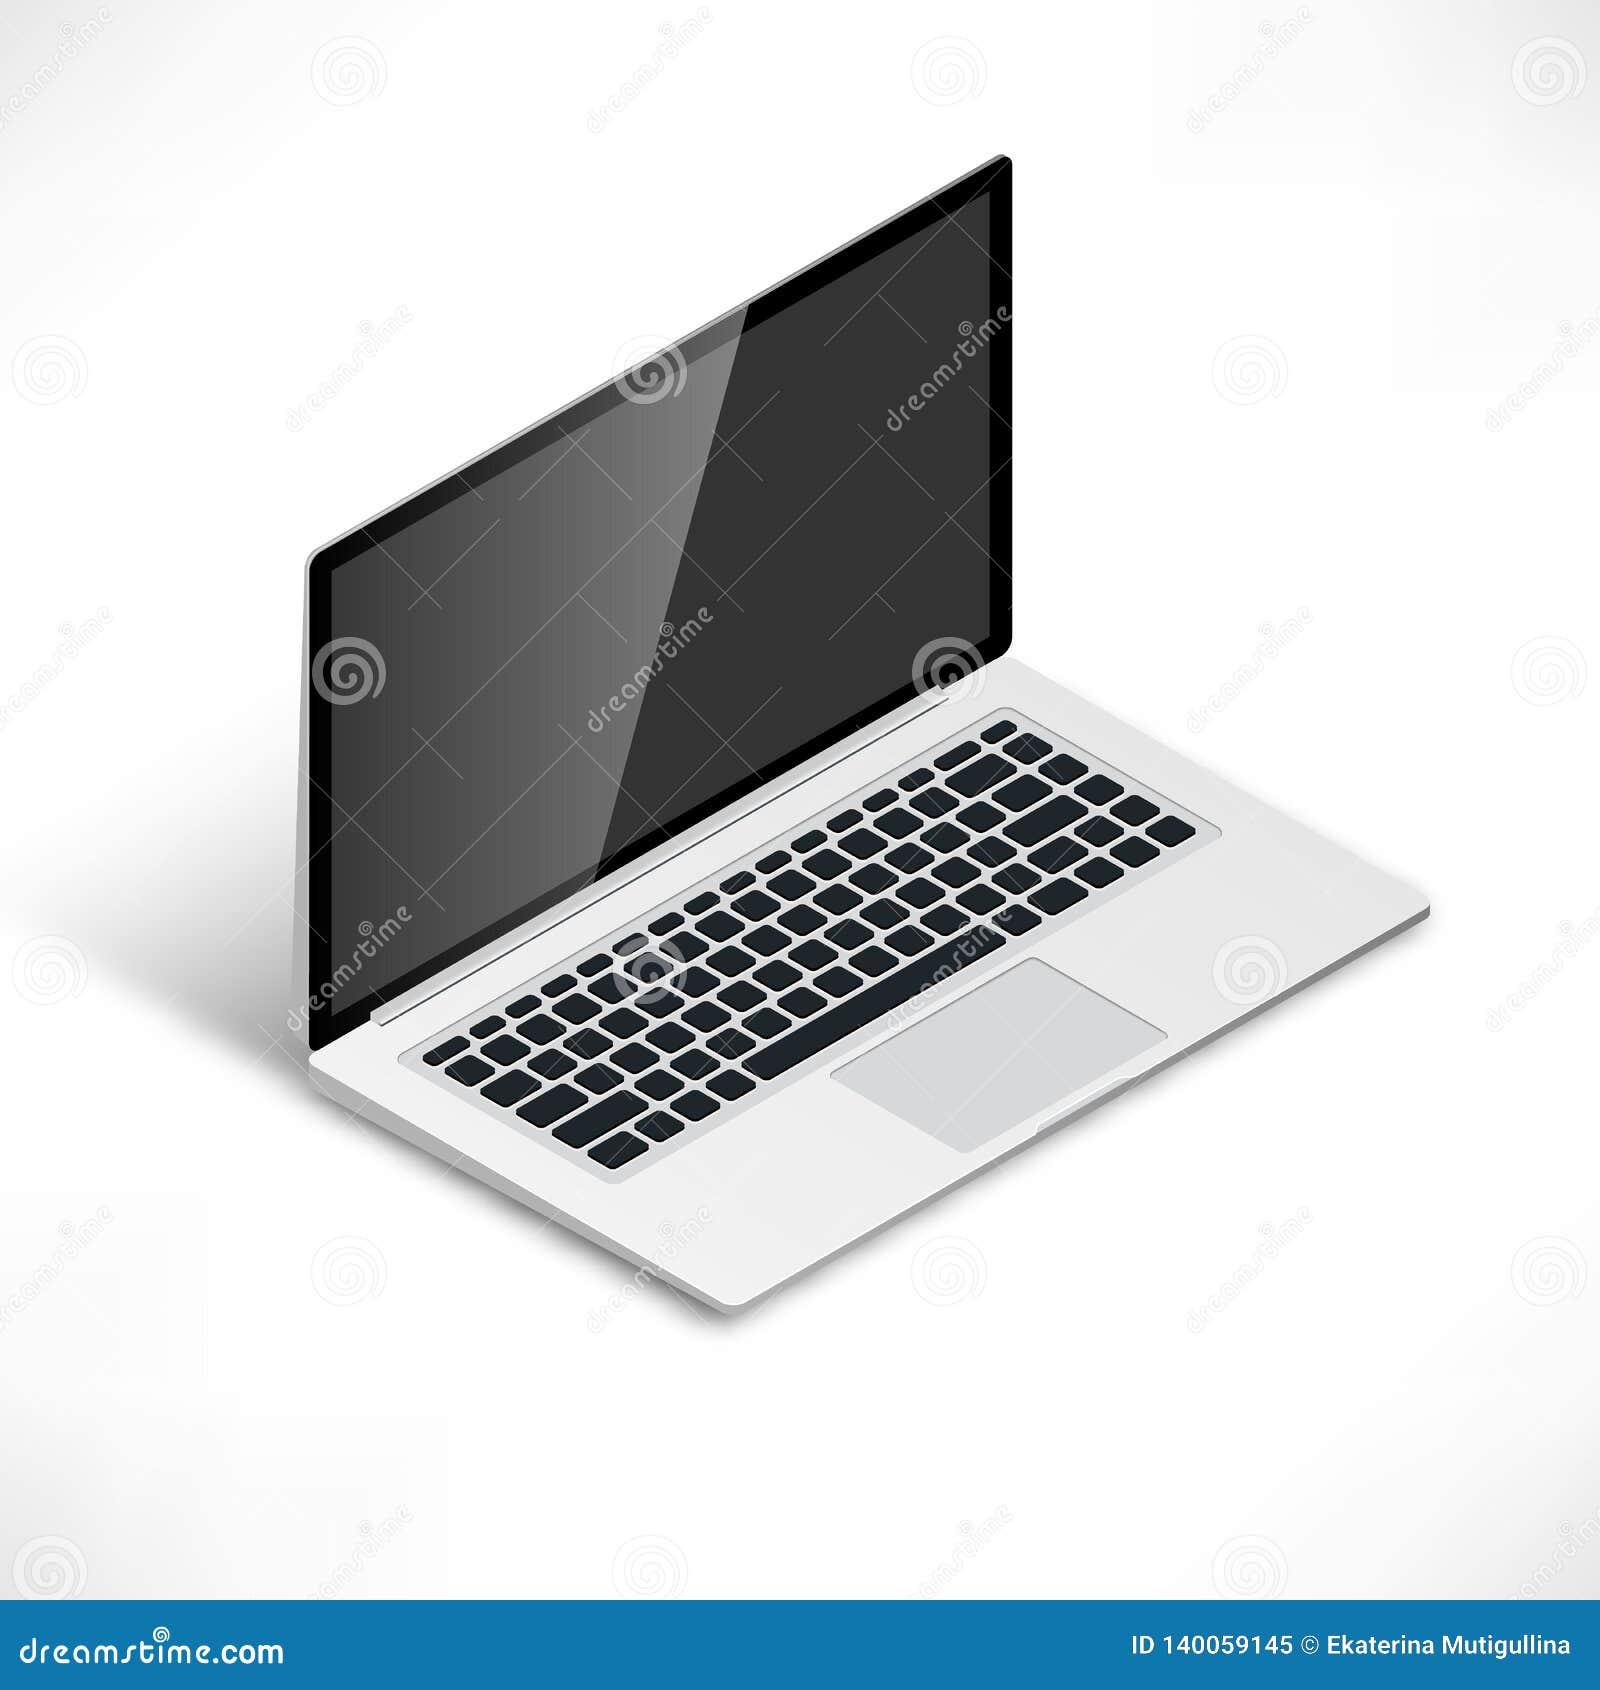 Laptop isometric